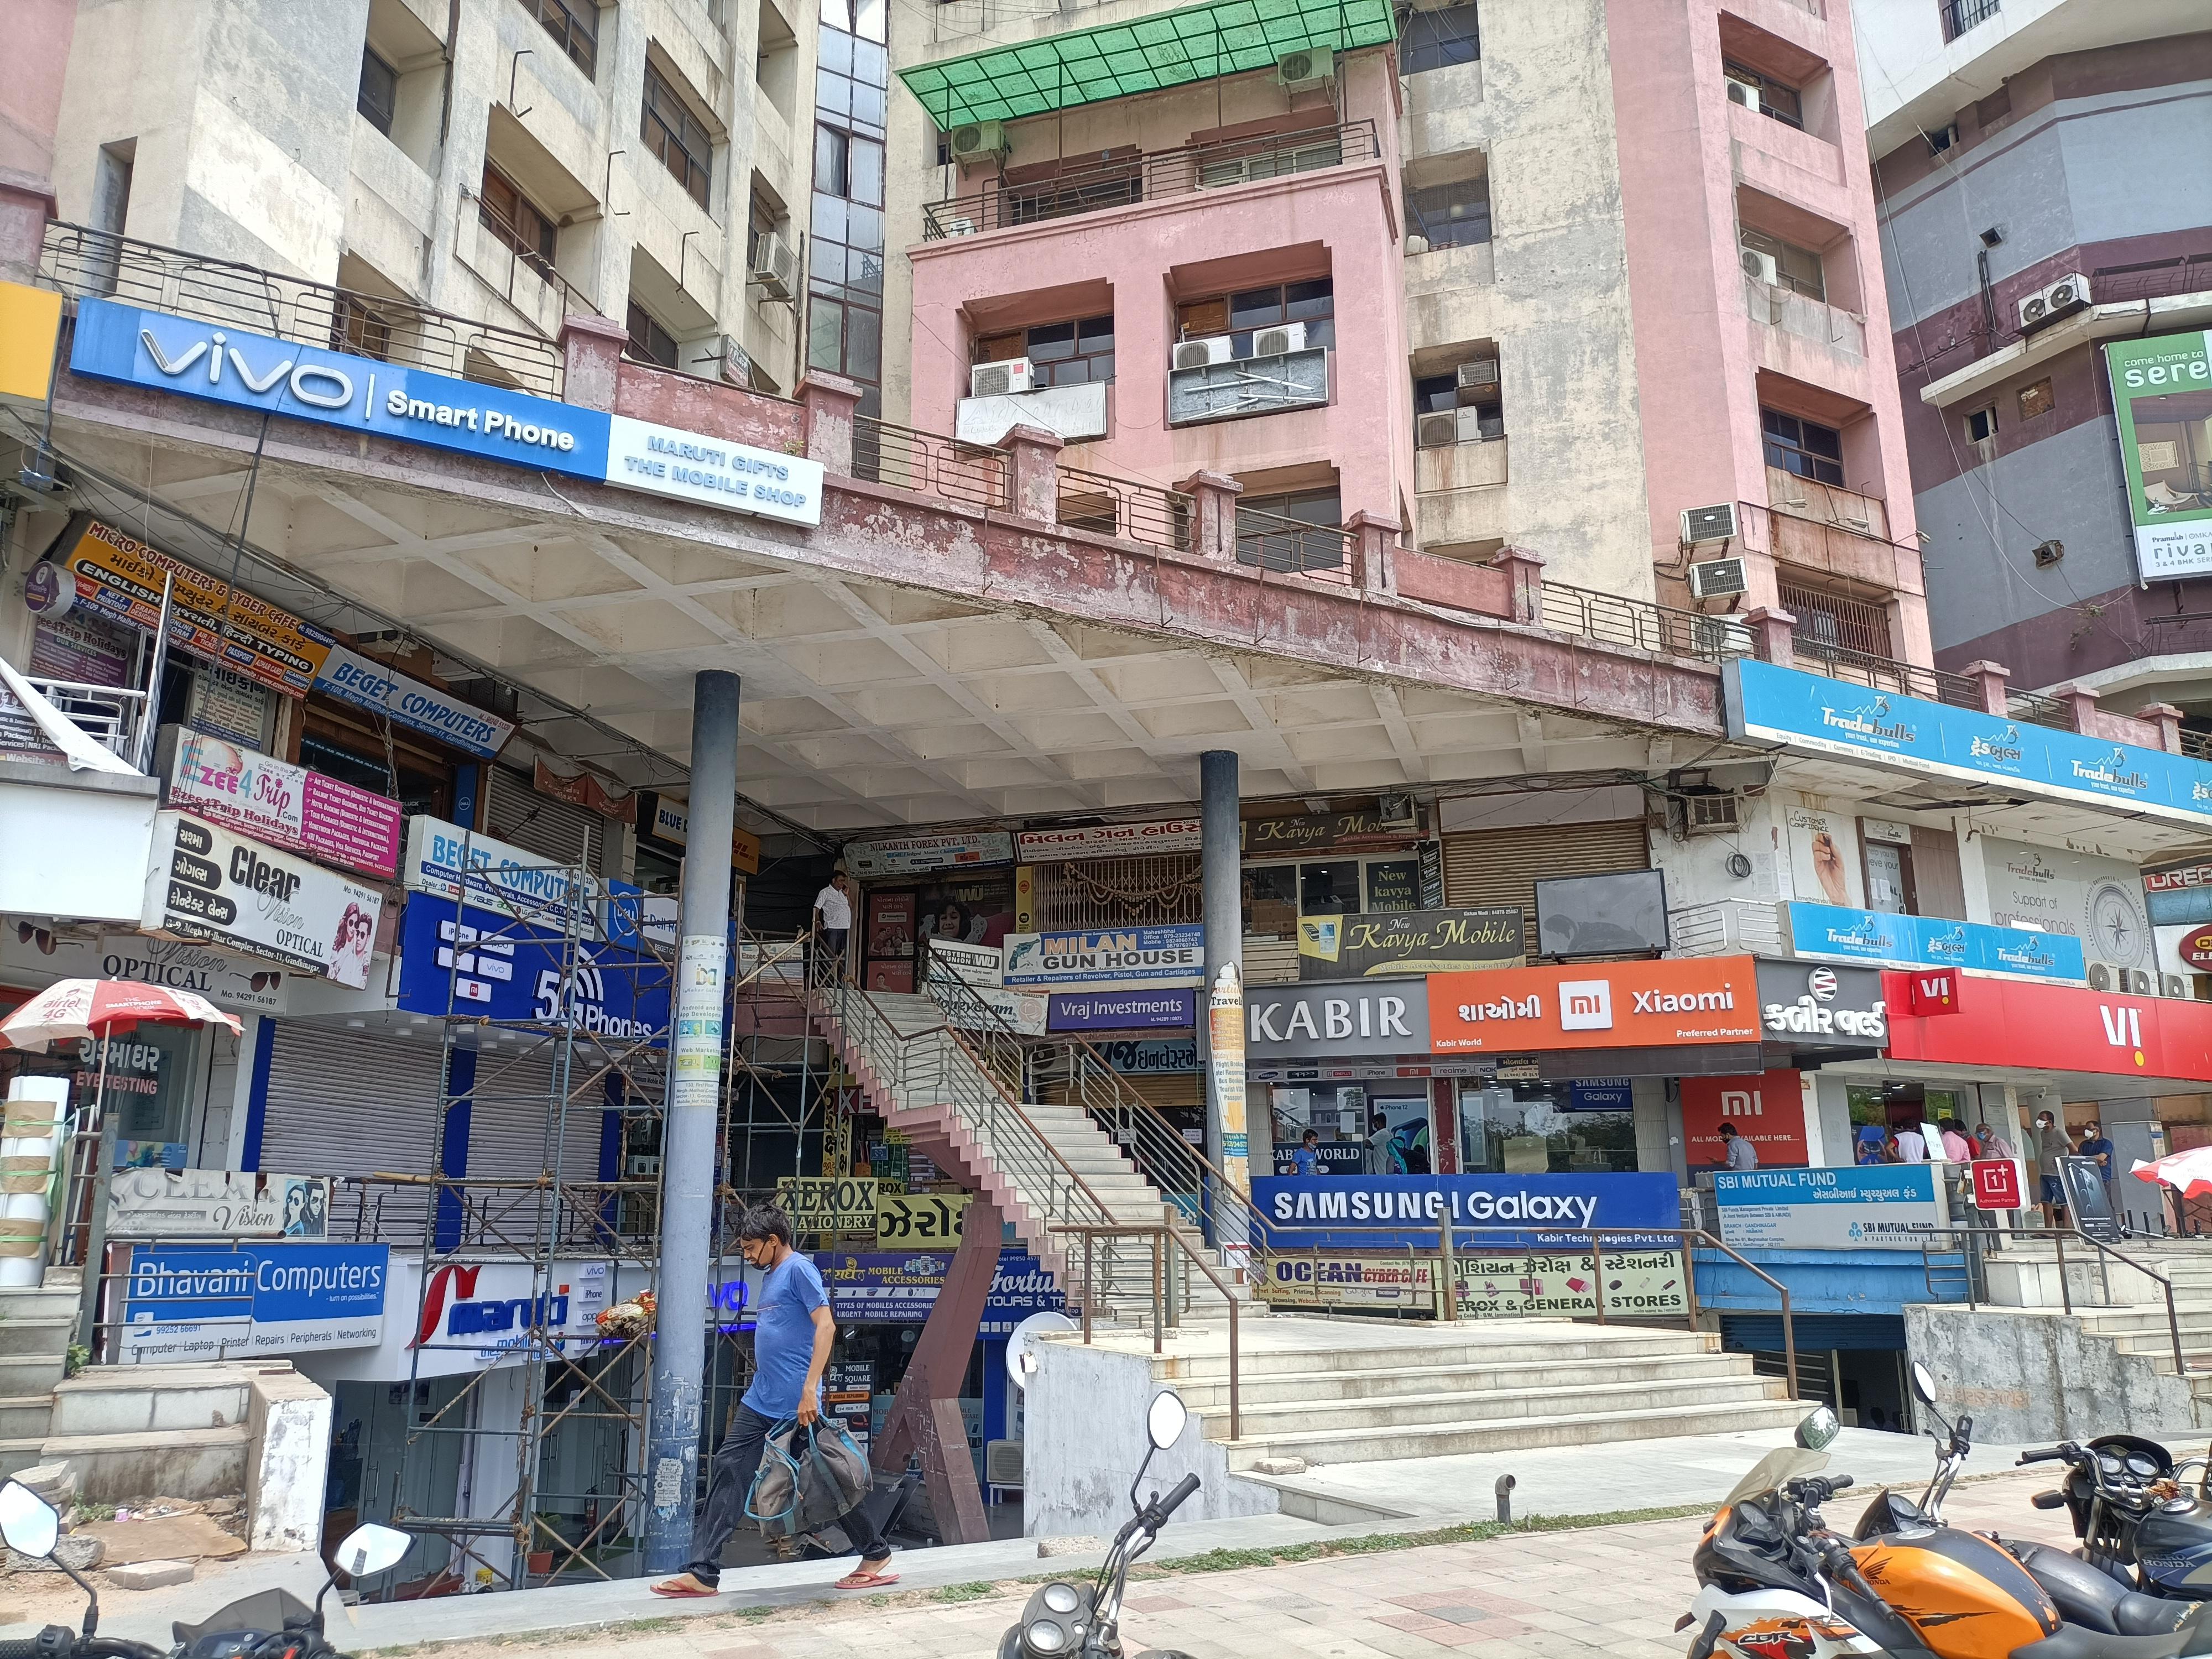 કોરોનાની બીજી વેવ બાદ પાટનગર ગાંધીનગરમાં લોકોને આજથી રાહત અપાઈ, બાગબગીચા અને રેસ્ટોરન્ટ શરૂ કરાઈ|ગાંધીનગર,Gandhinagar - Divya Bhaskar